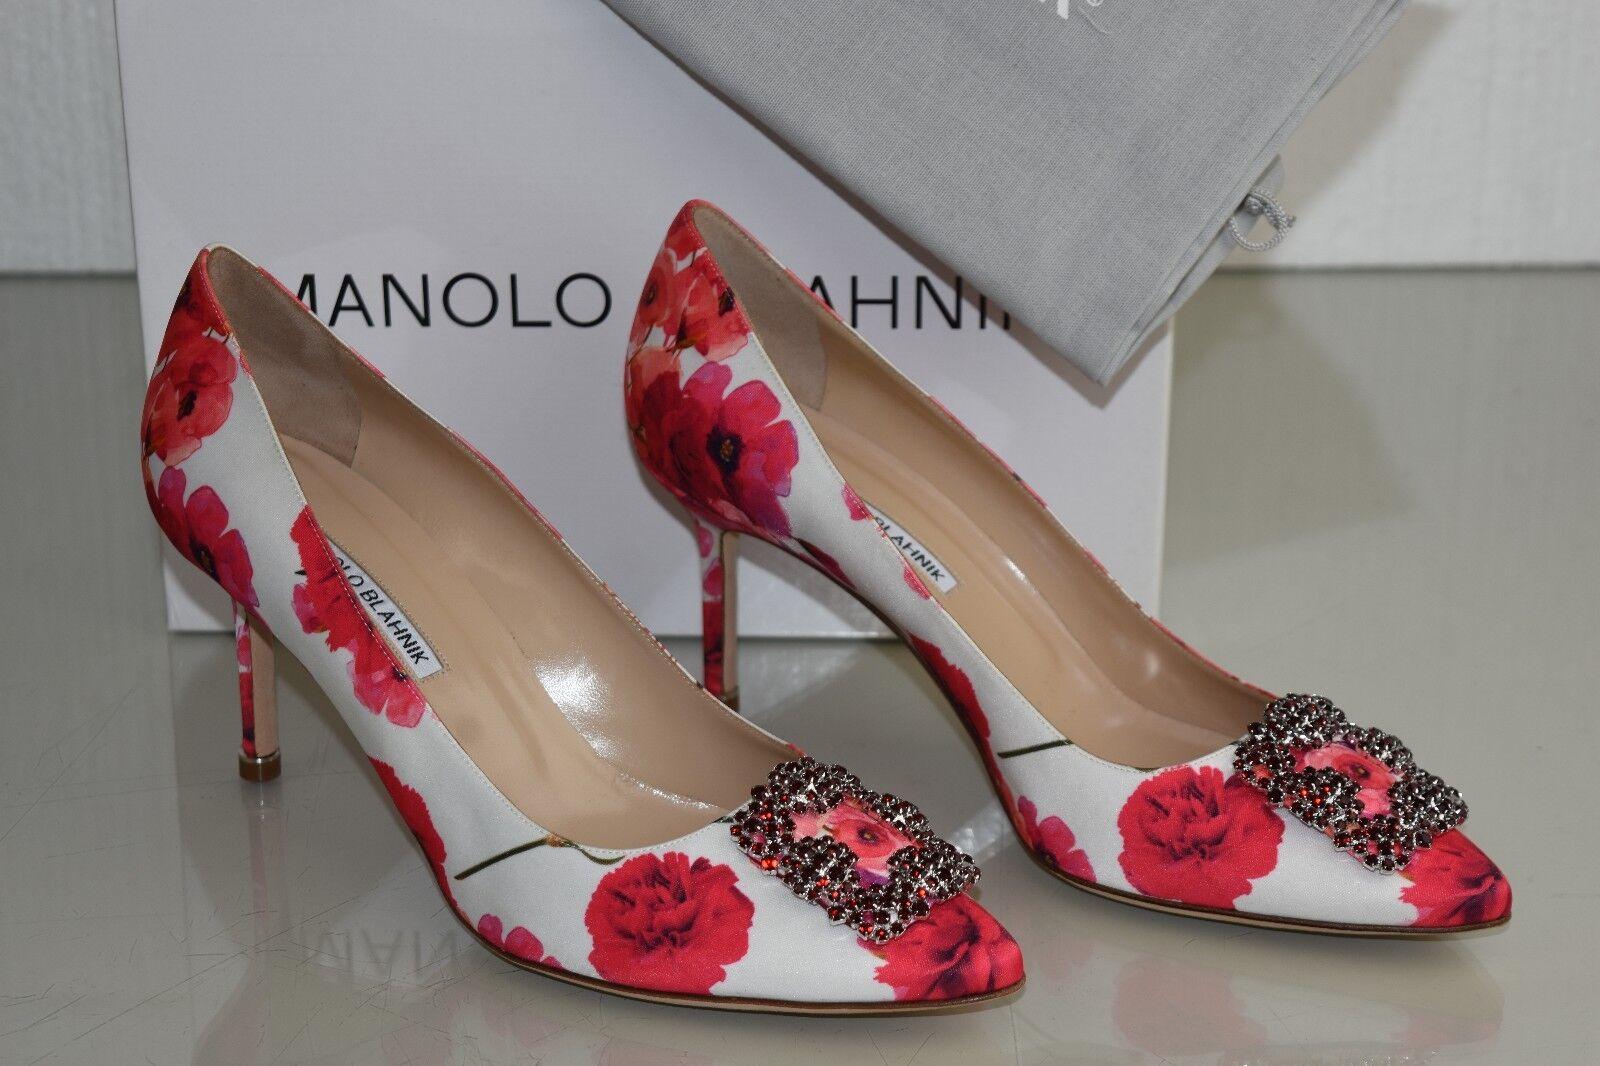 Neu Manolo Blahnik Hangisi 70 Blaumenmuster Satin Jeweled Rote Schuhe 40.5 41.5